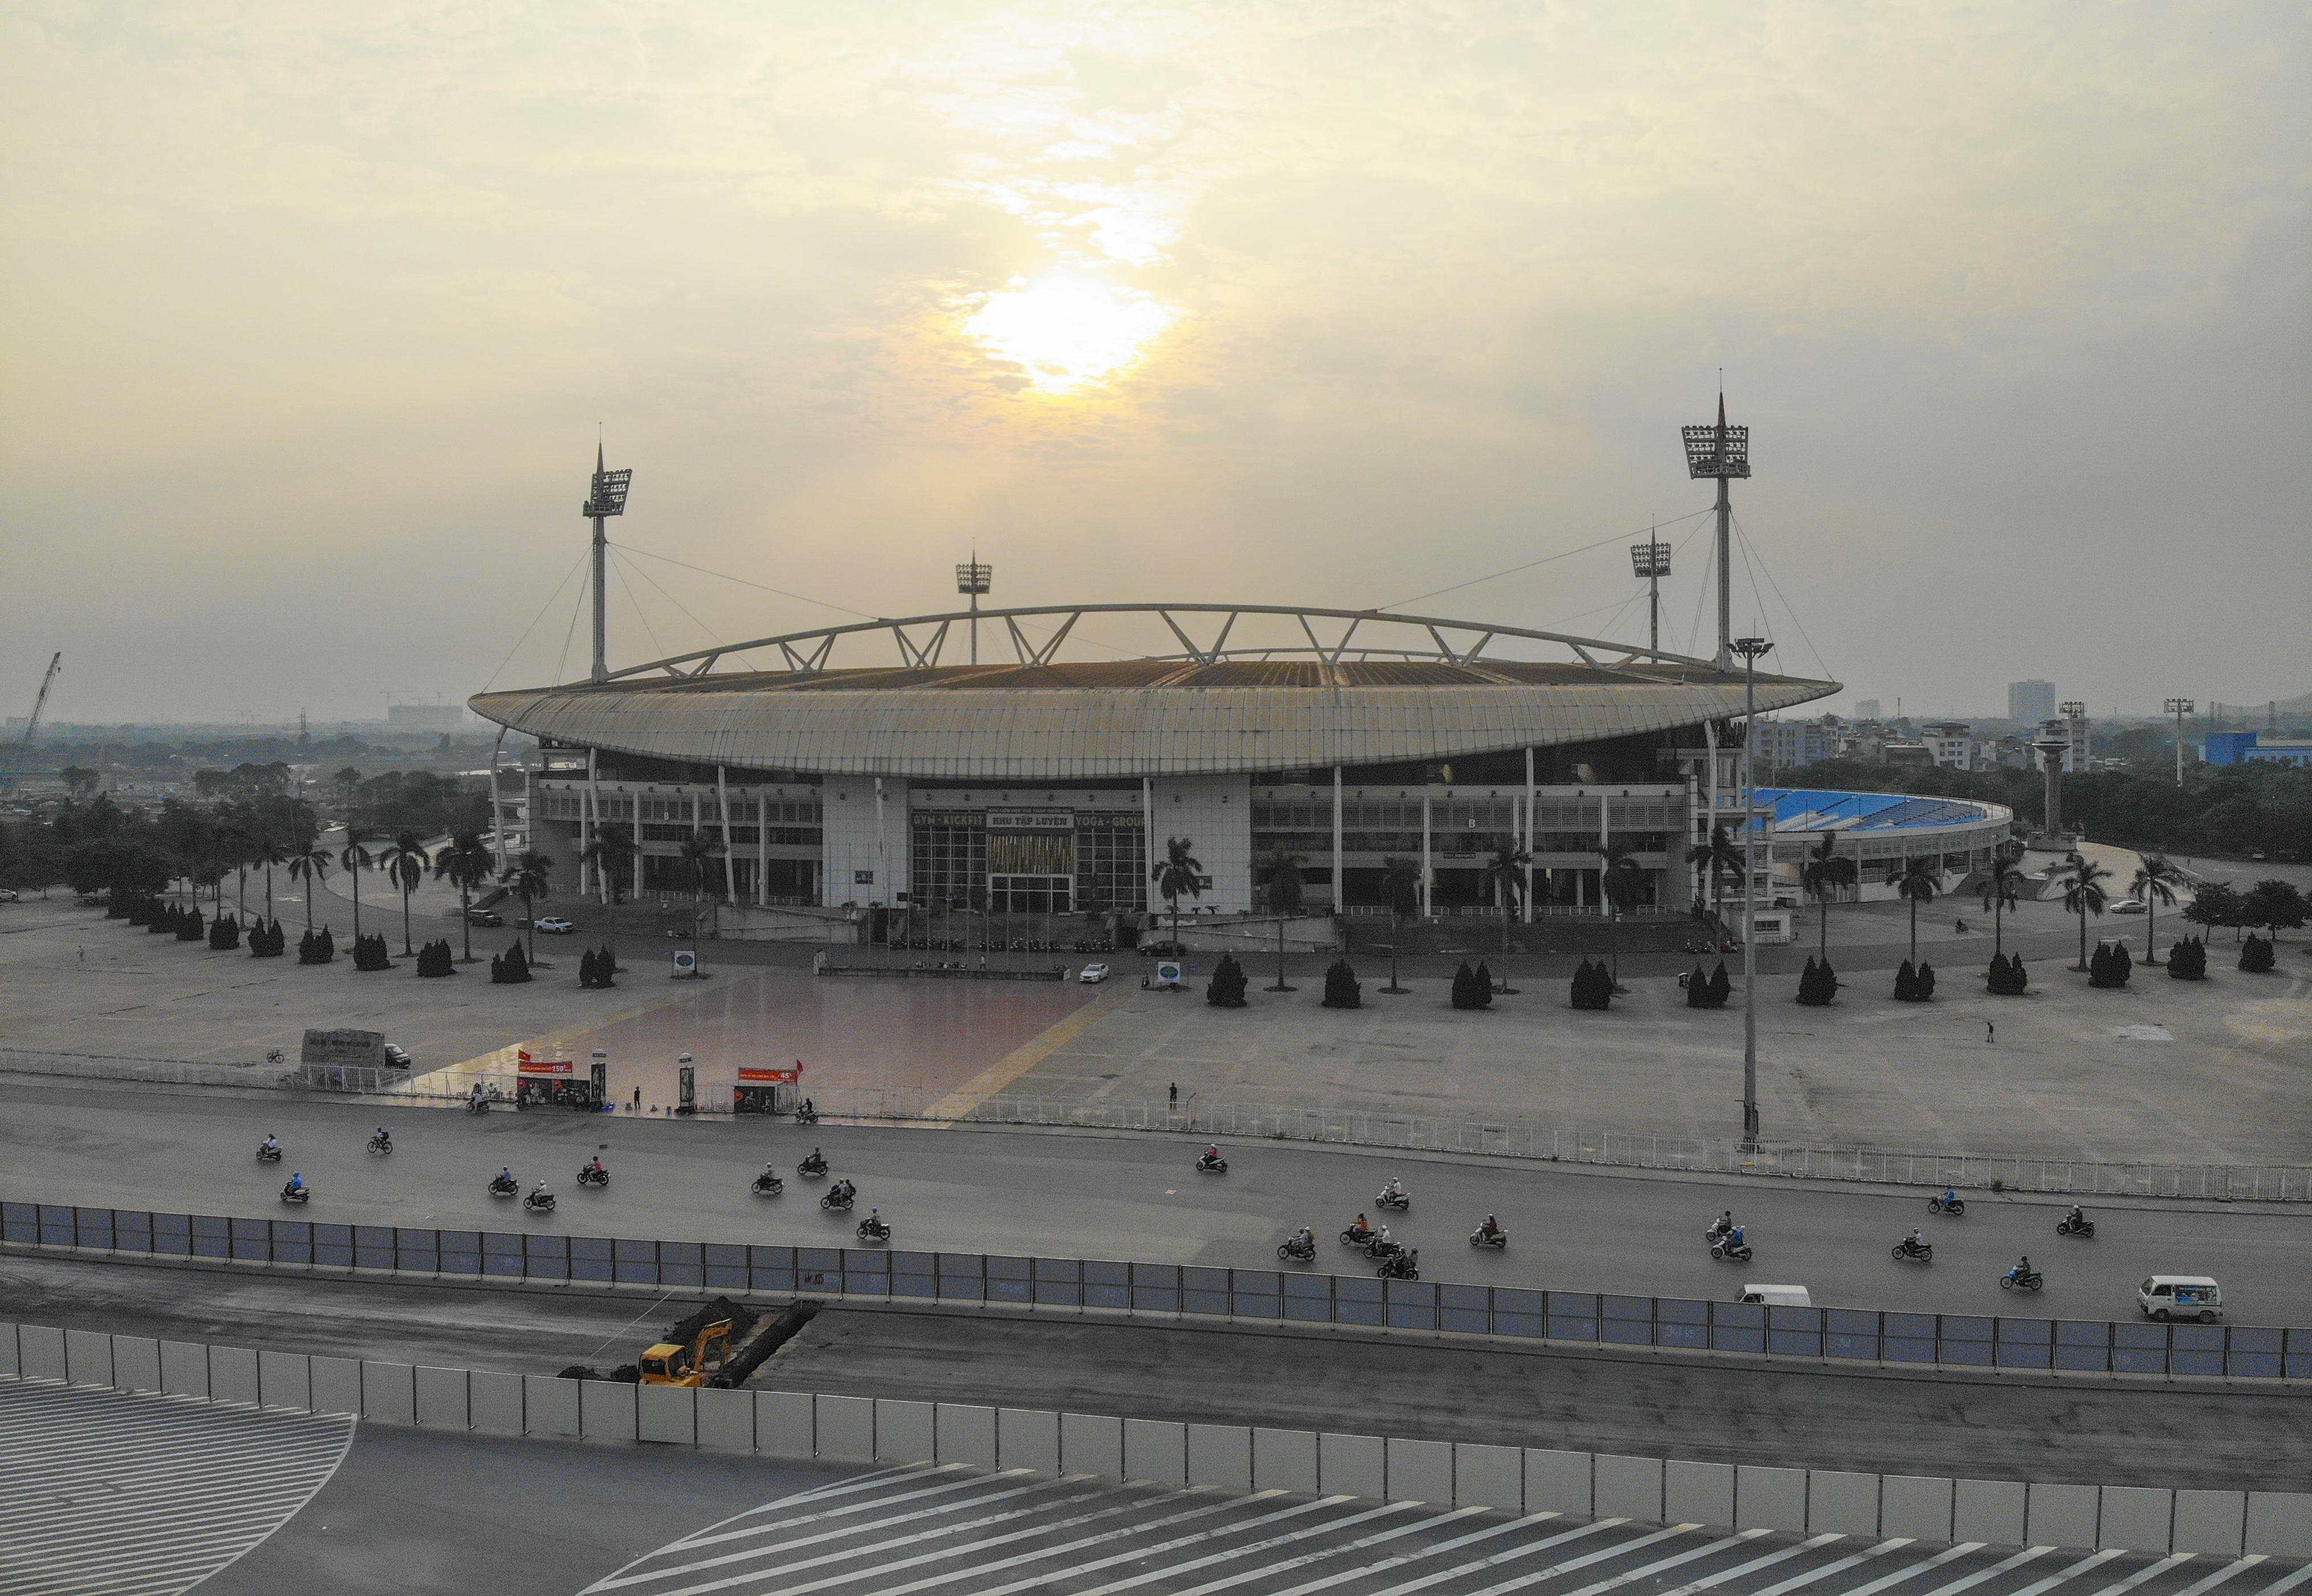 Hà Nội: Bắt đầu rào chắn thêm nhiều tuyến phố để thi công đường đua F1 - 14